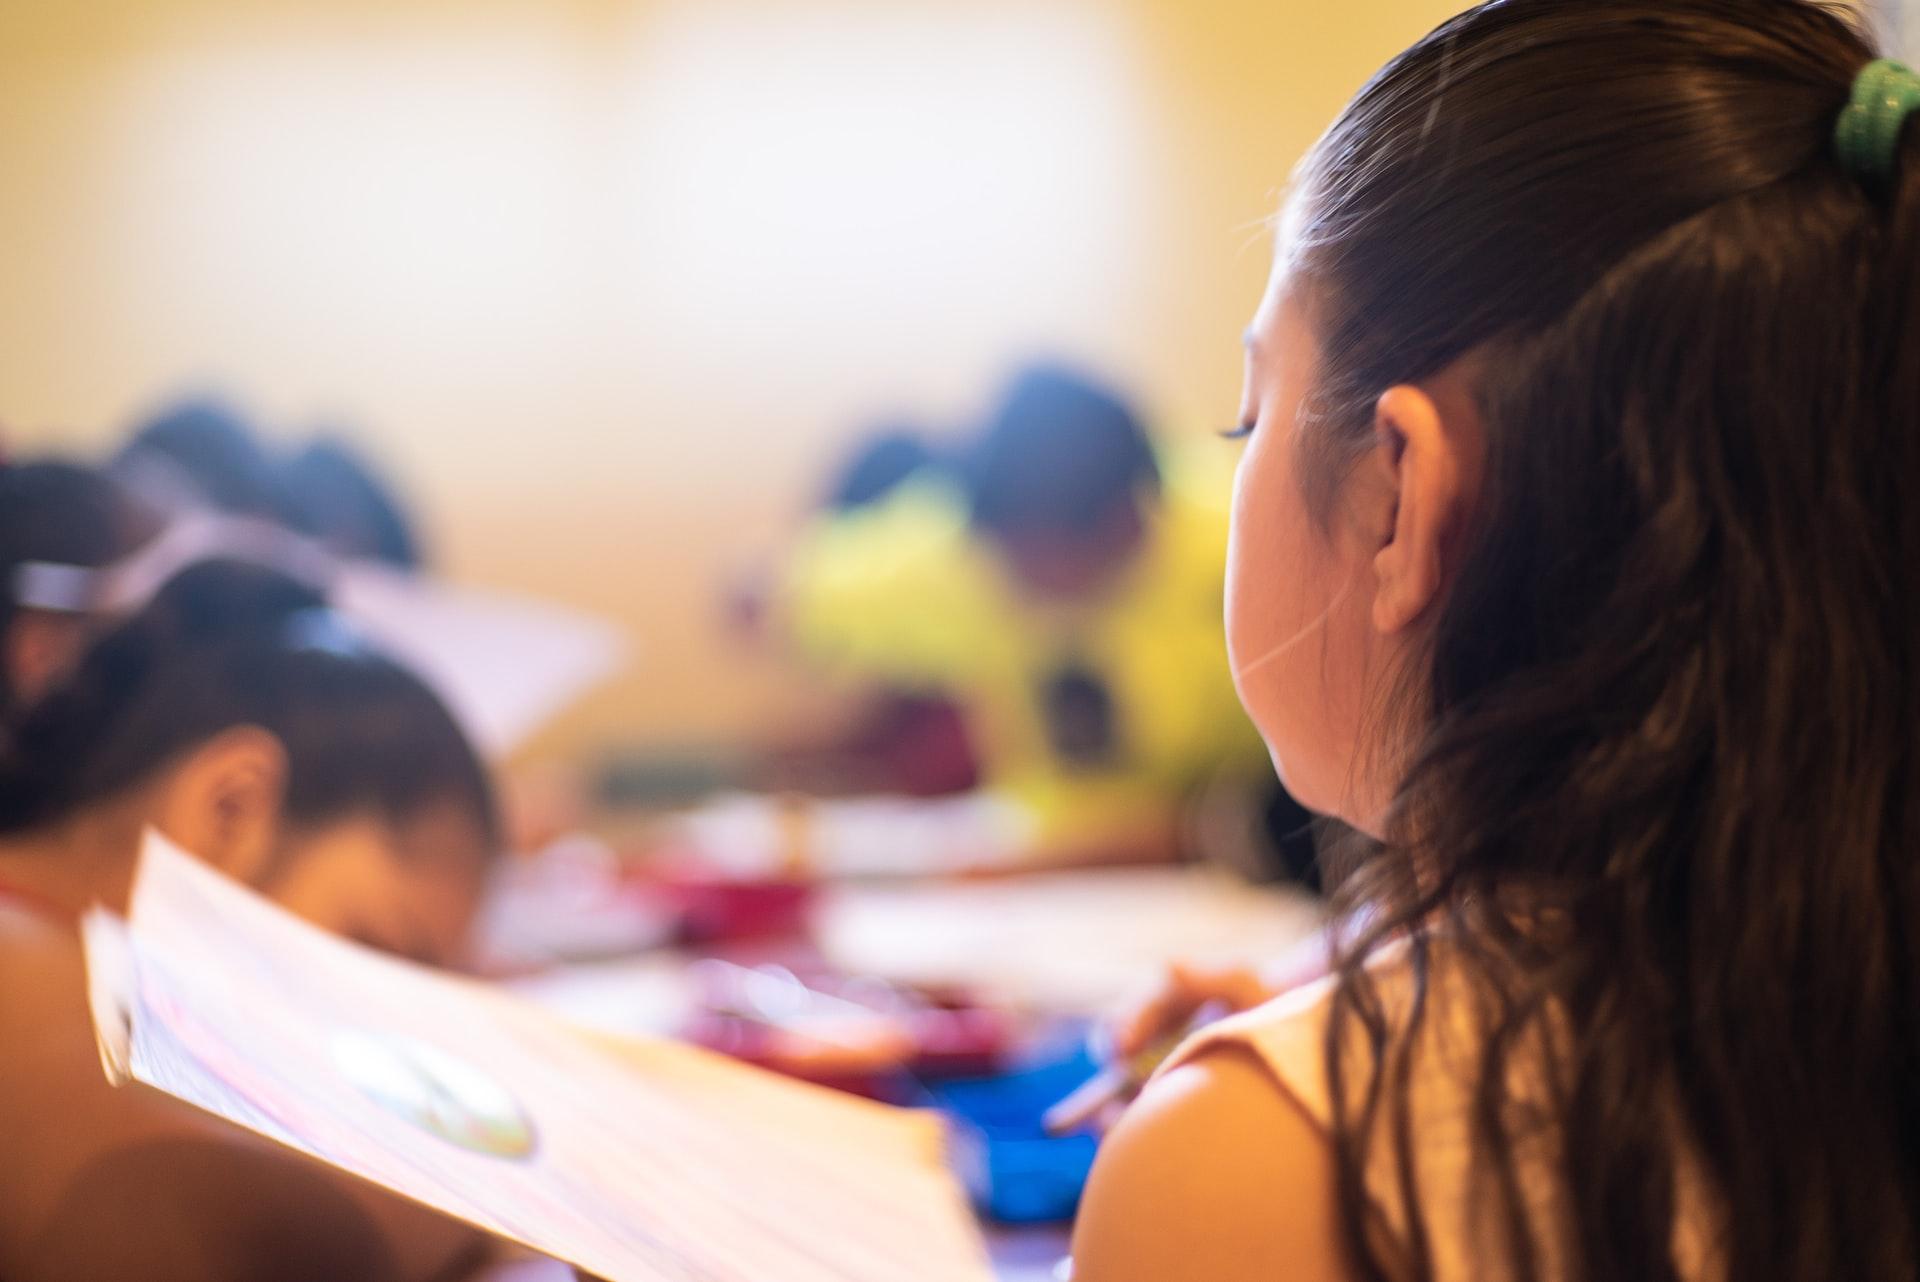 日本における教育問題